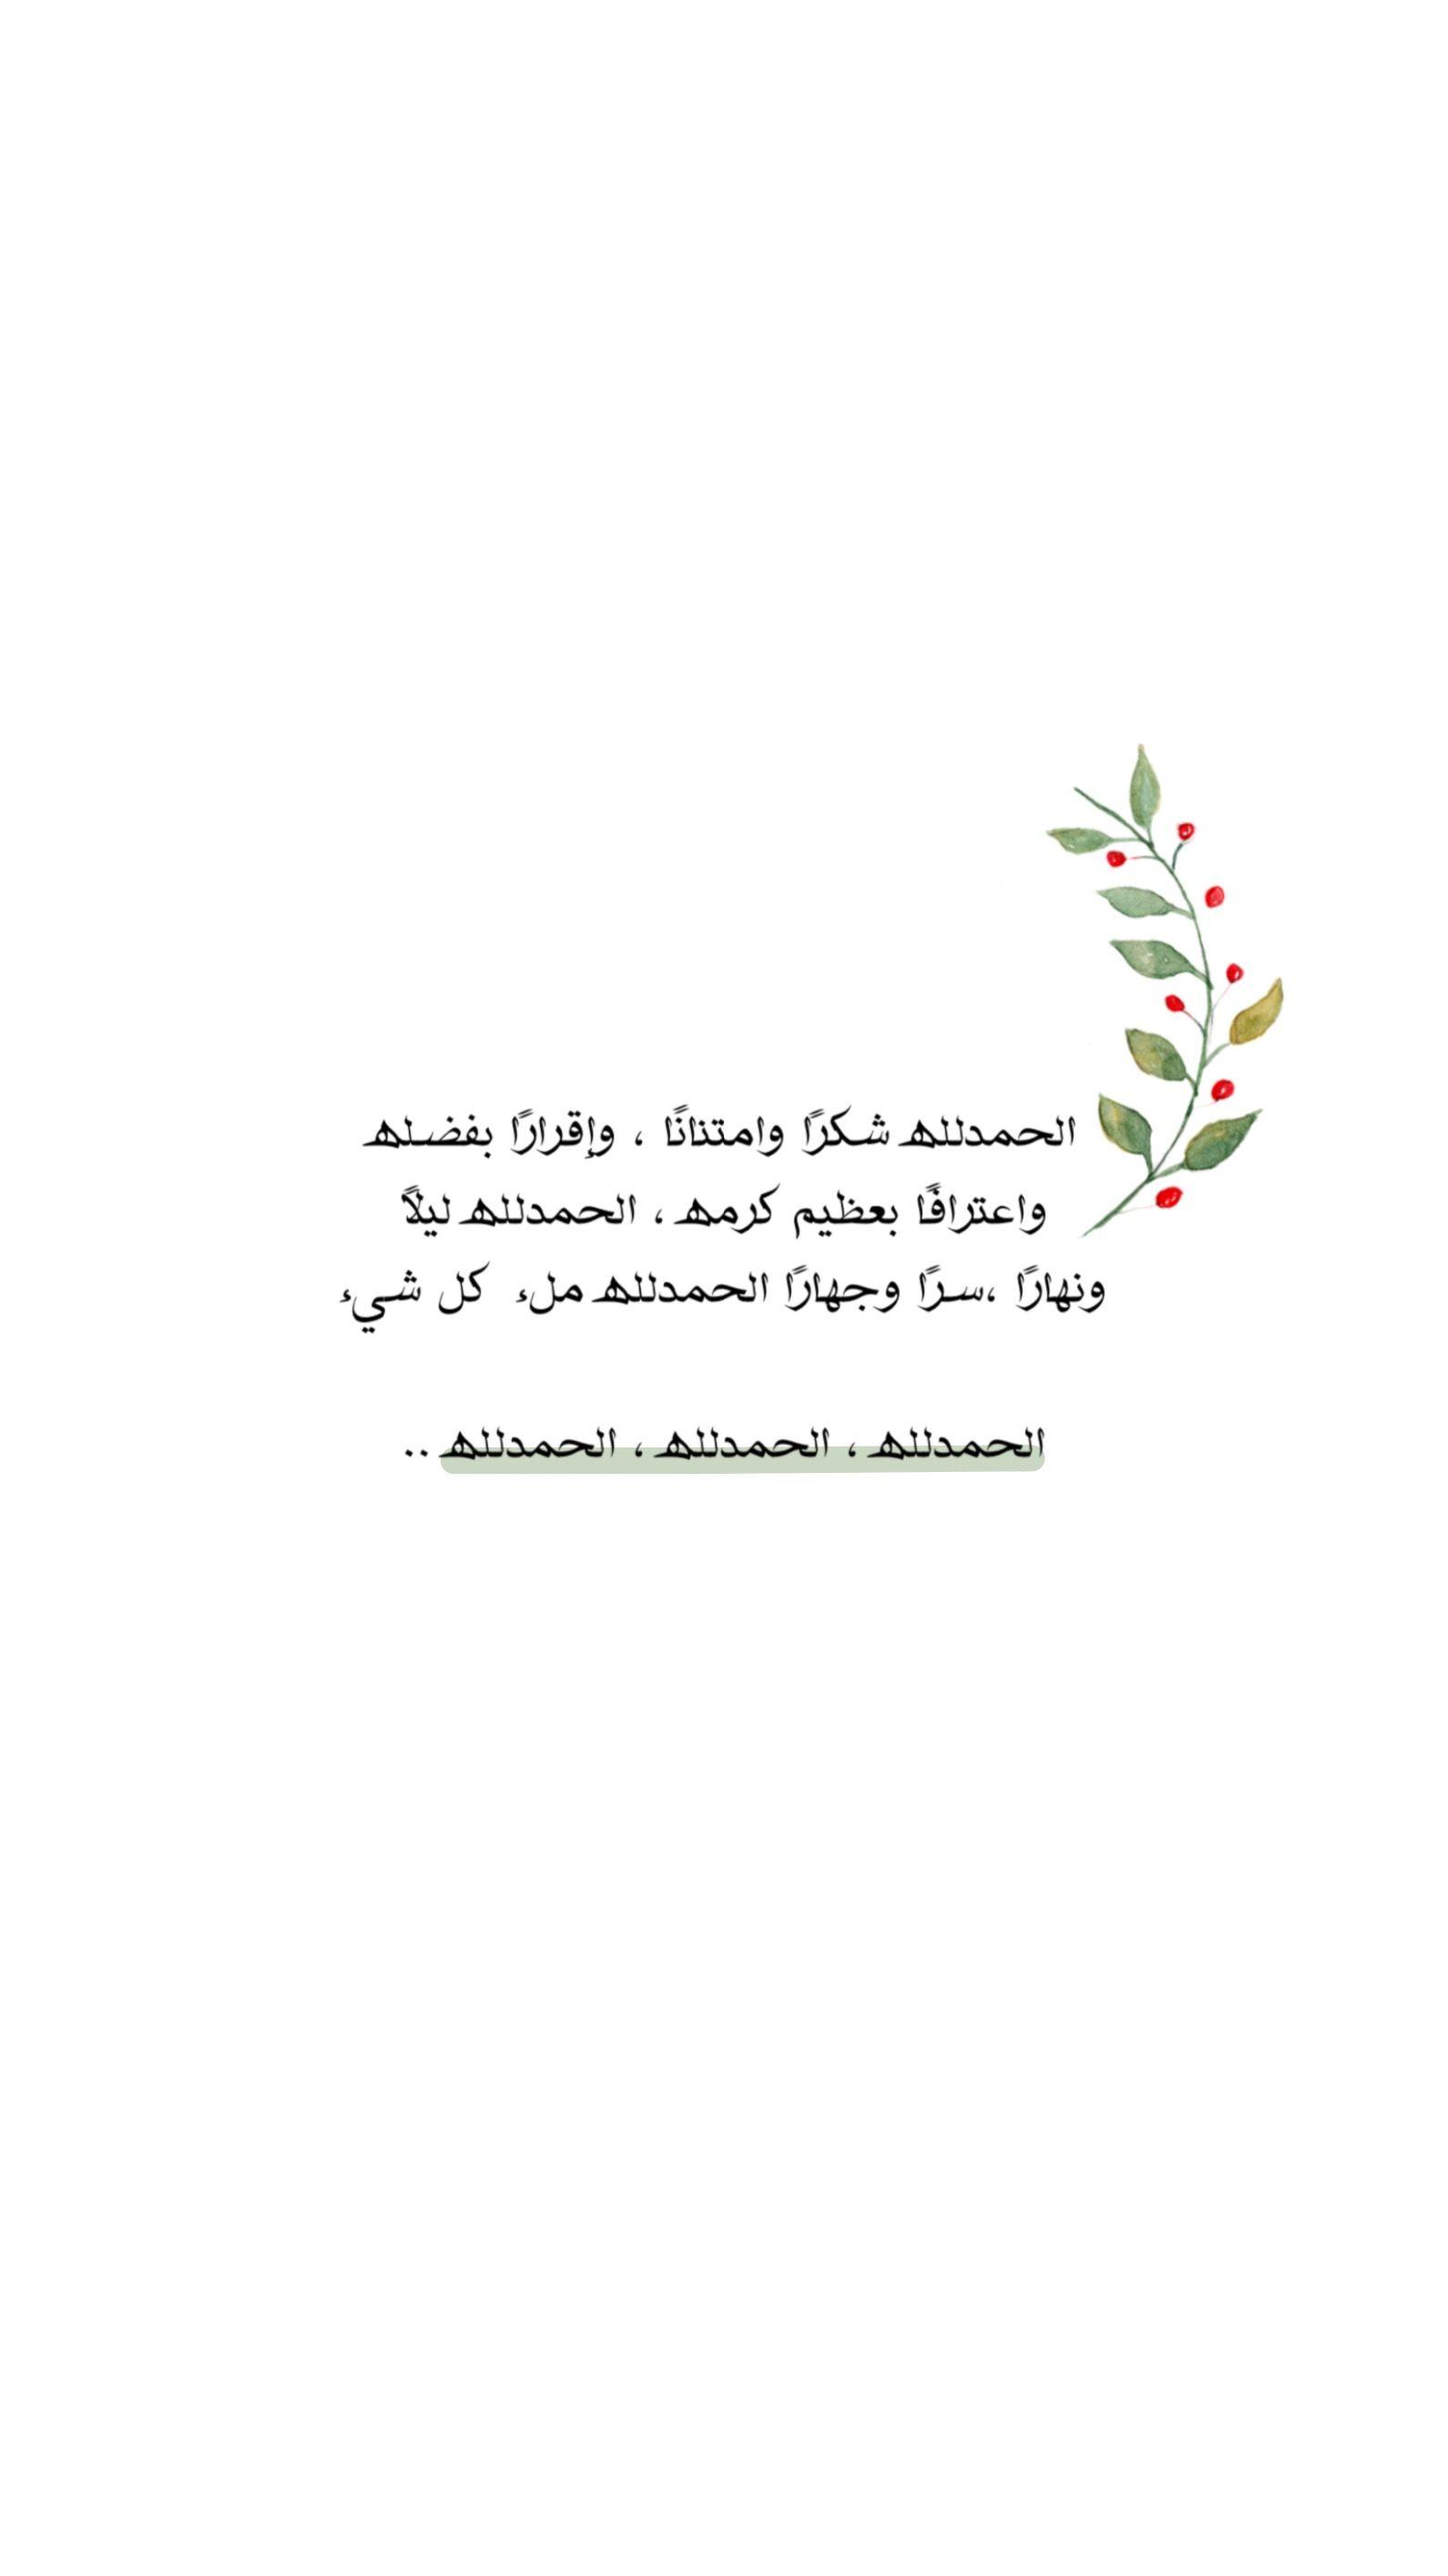 الحمدلله Mixed Feelings Quotes Beautiful Arabic Words Quran Quotes